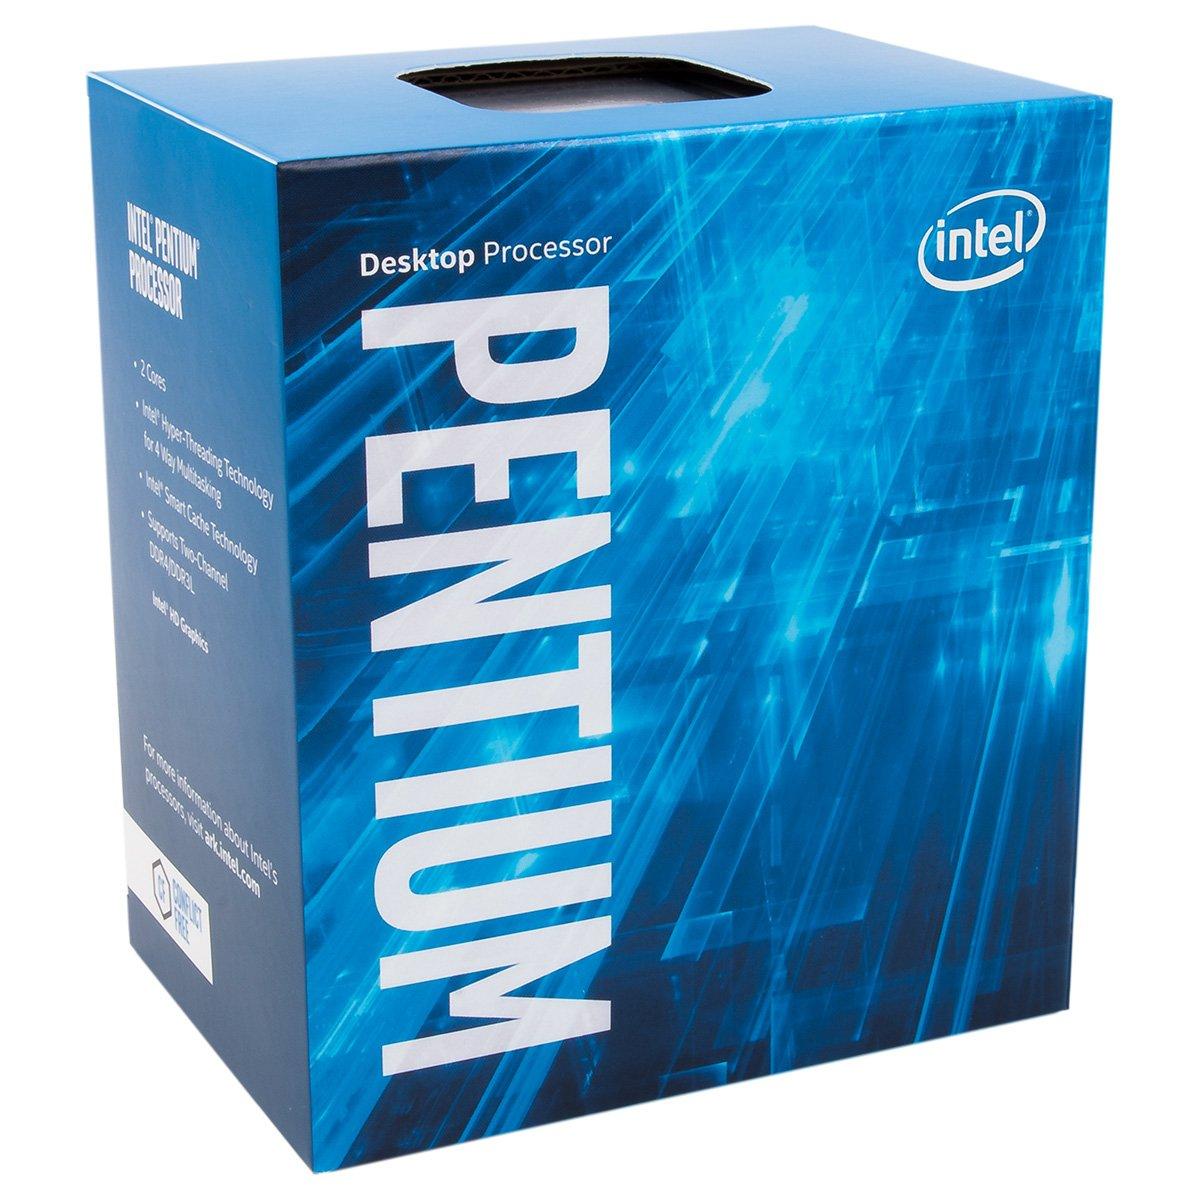 Intel Pentium Dual Core 3.6 GHz G4600